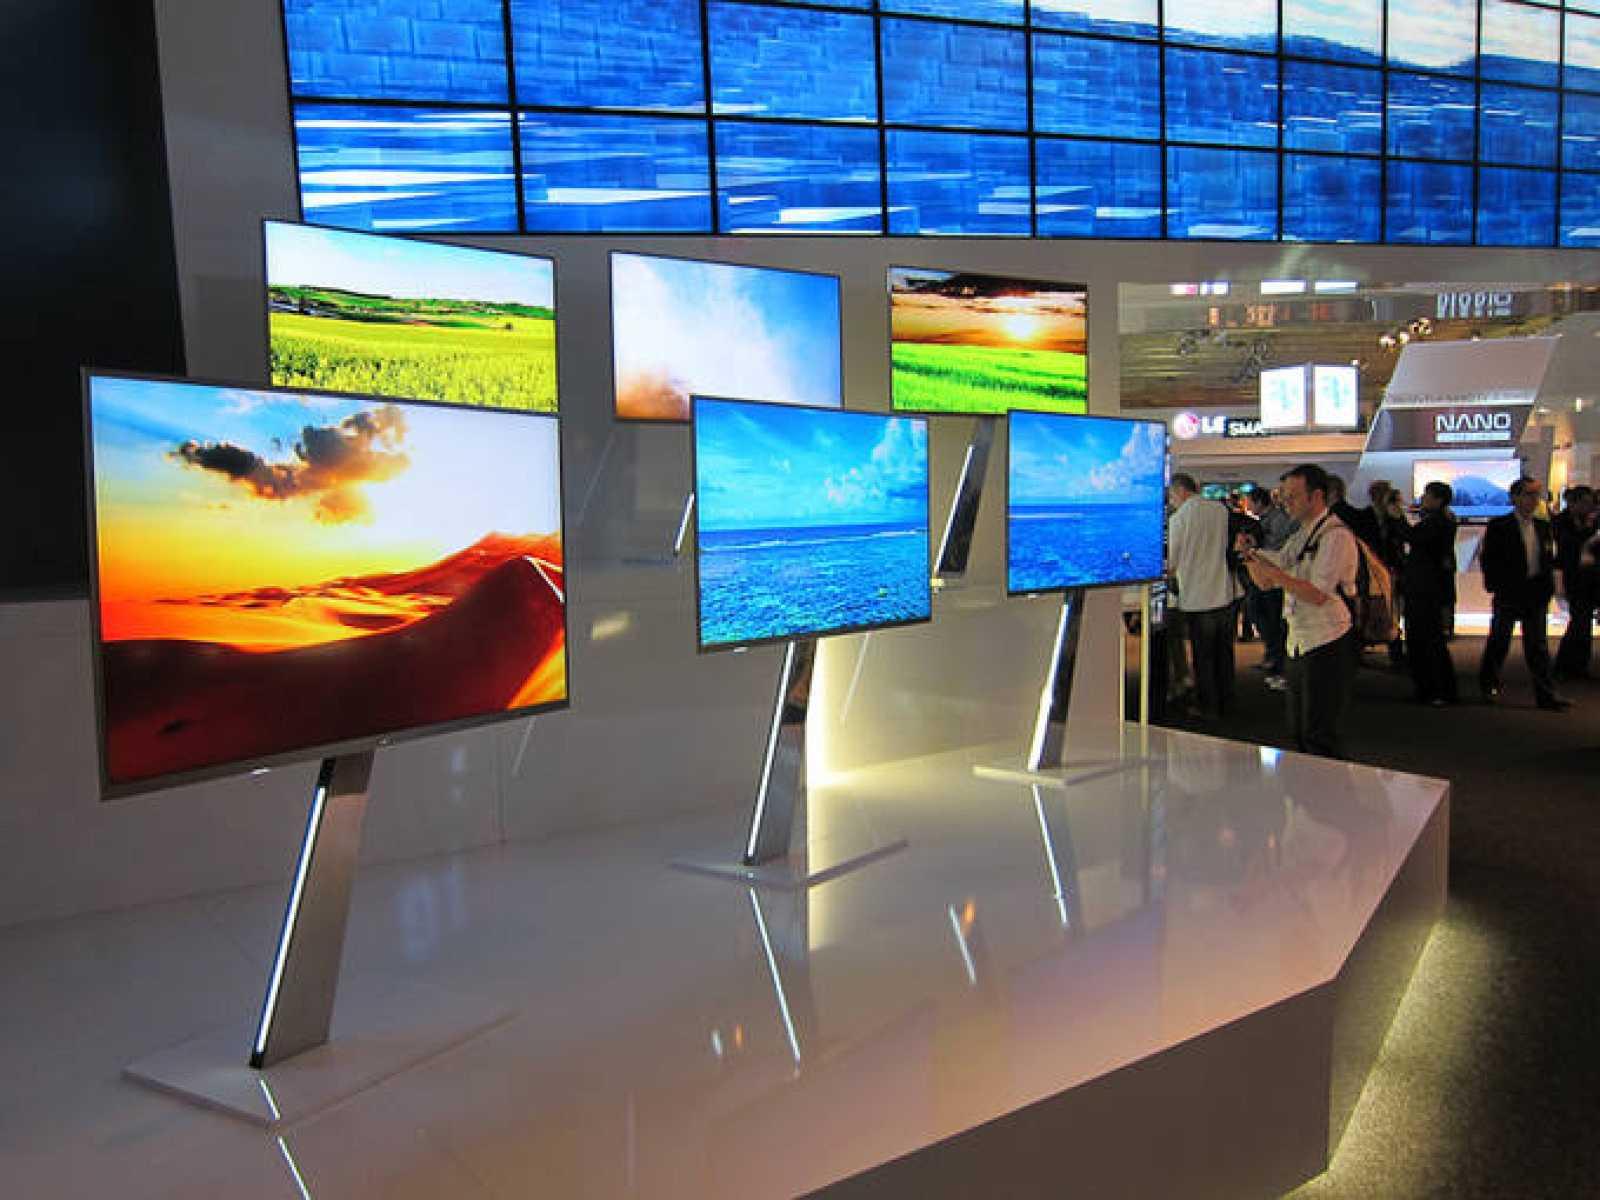 Los televisores ultrafinos, de grandes dimensiones, sobresaliente calidad de imagen y sobre todo los provistos de tecnología 3D fueron los principales protagonistas en la última edición IFA 2010